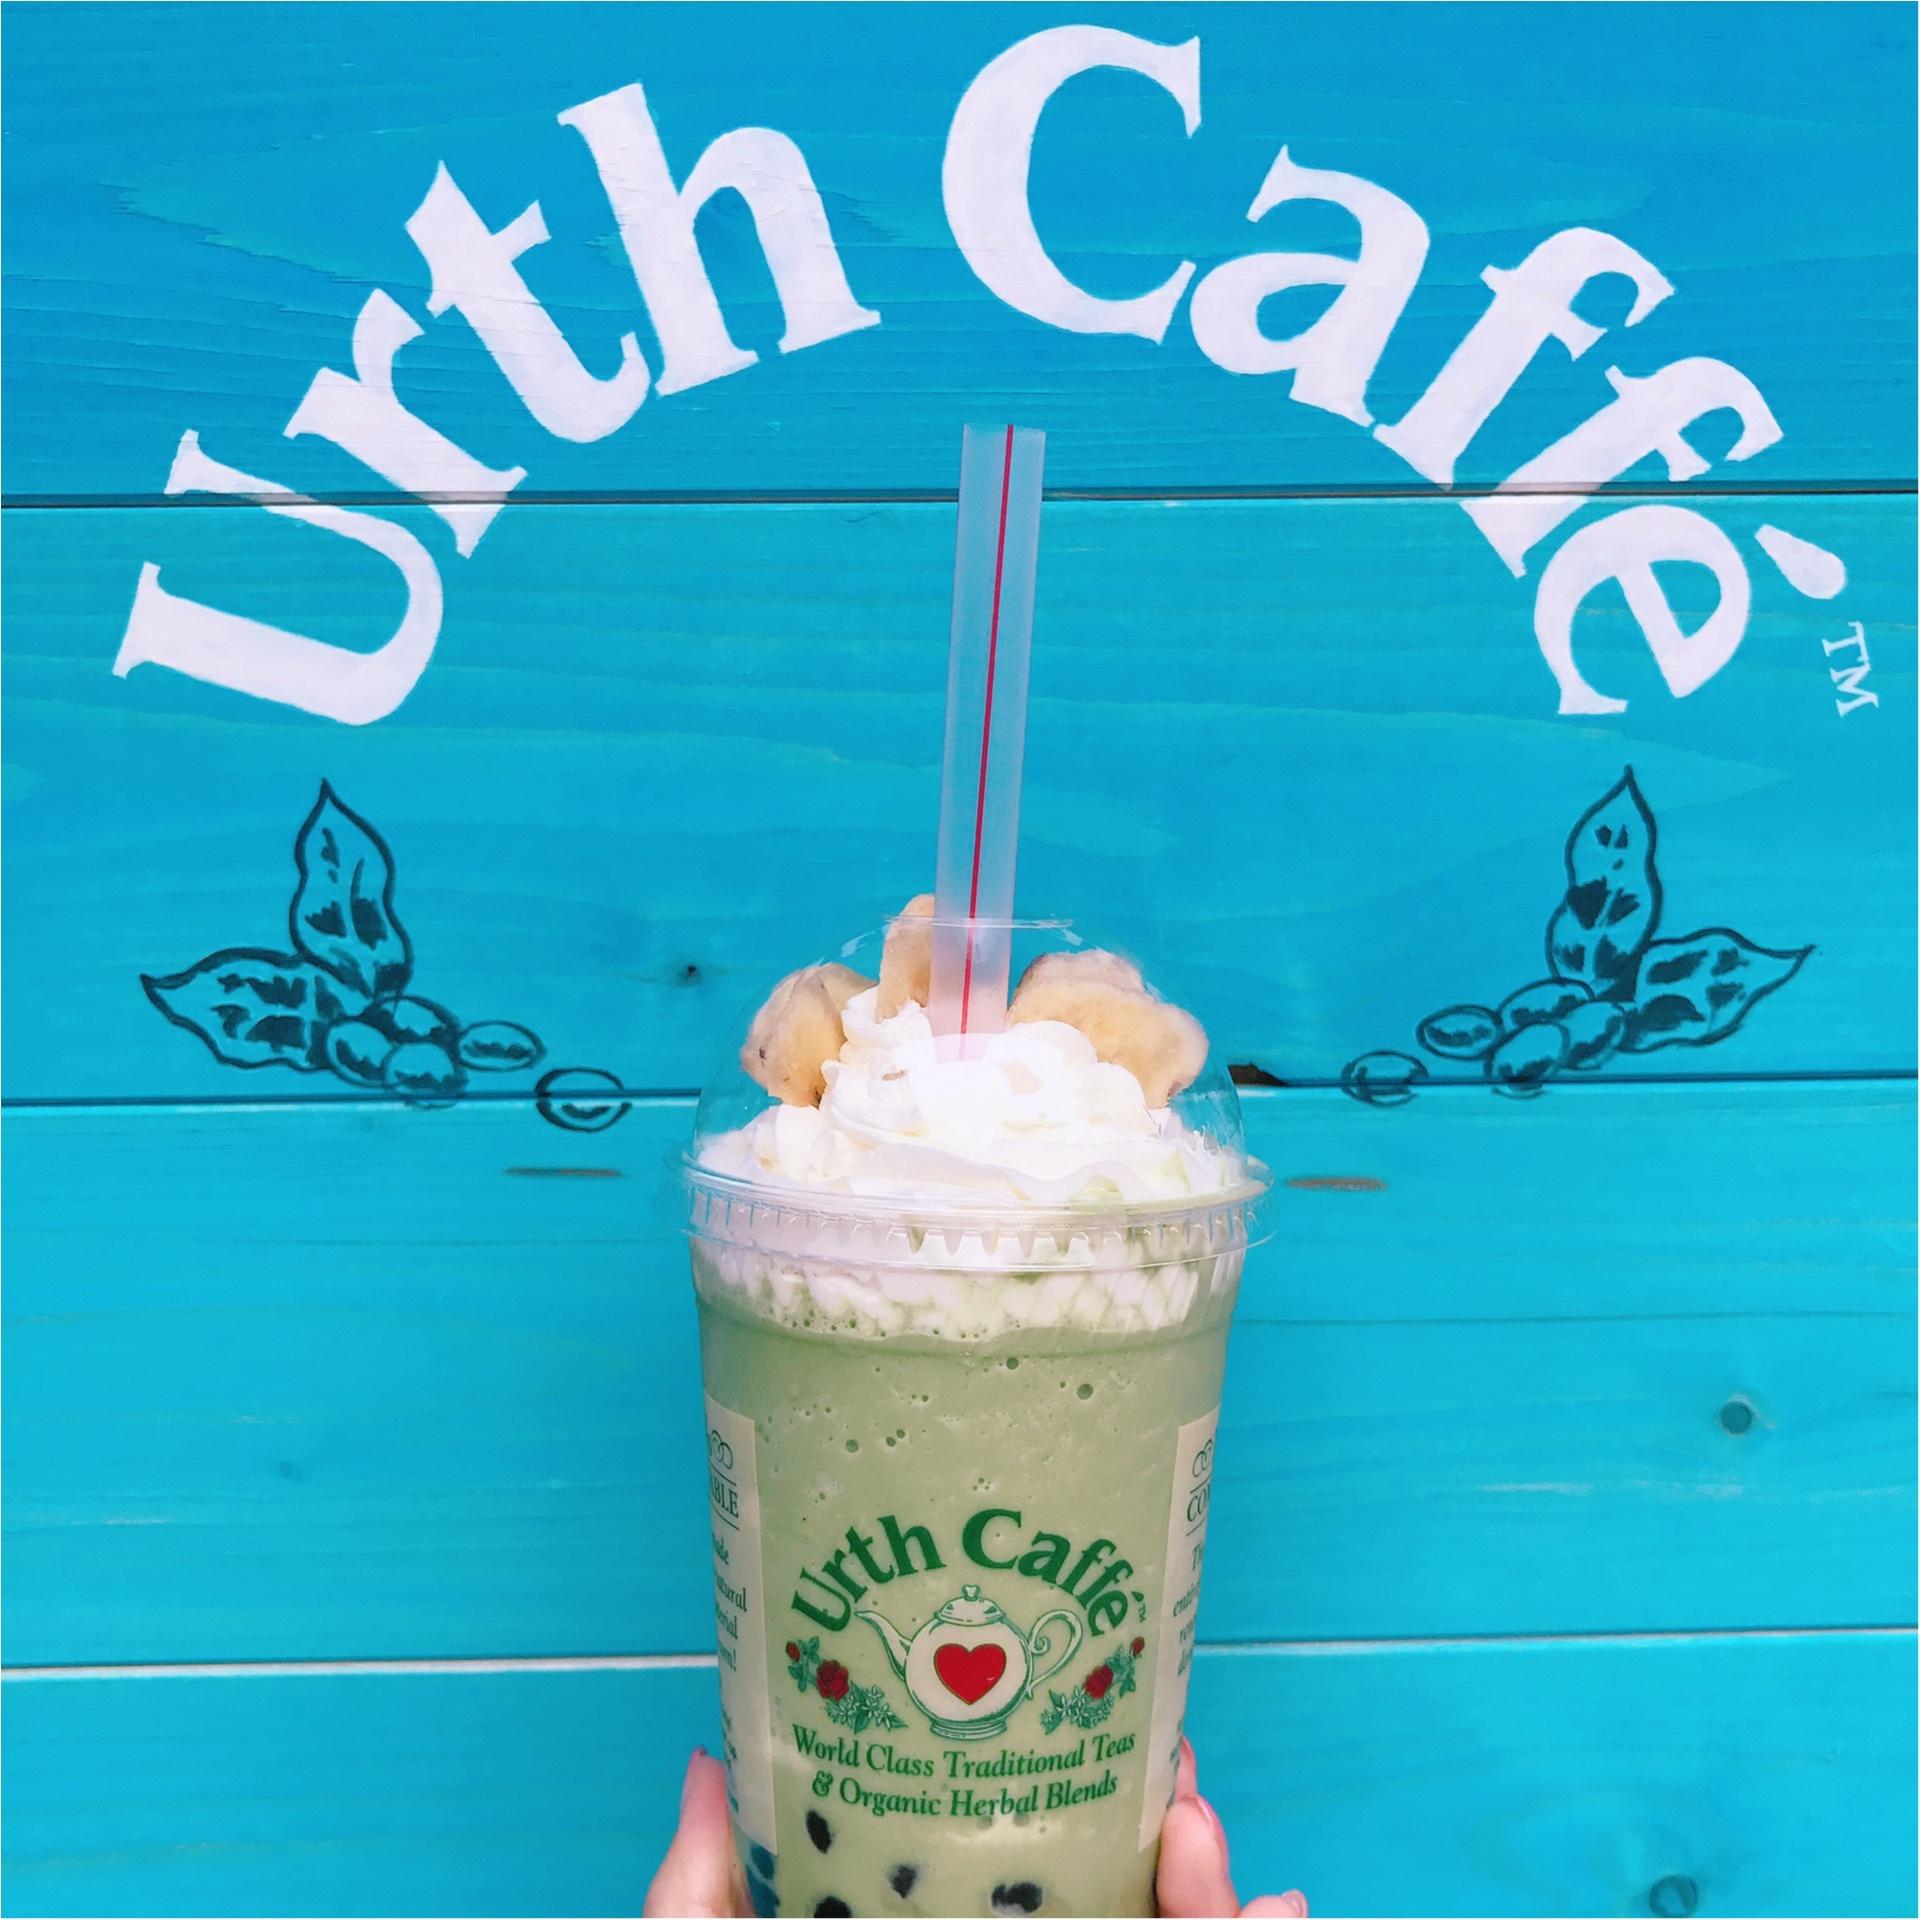 ★並んでも行きたい!モアハピ部地方組の私がどうしても行きたかった『Urth Cafe』はやっぱり可愛かった★_4